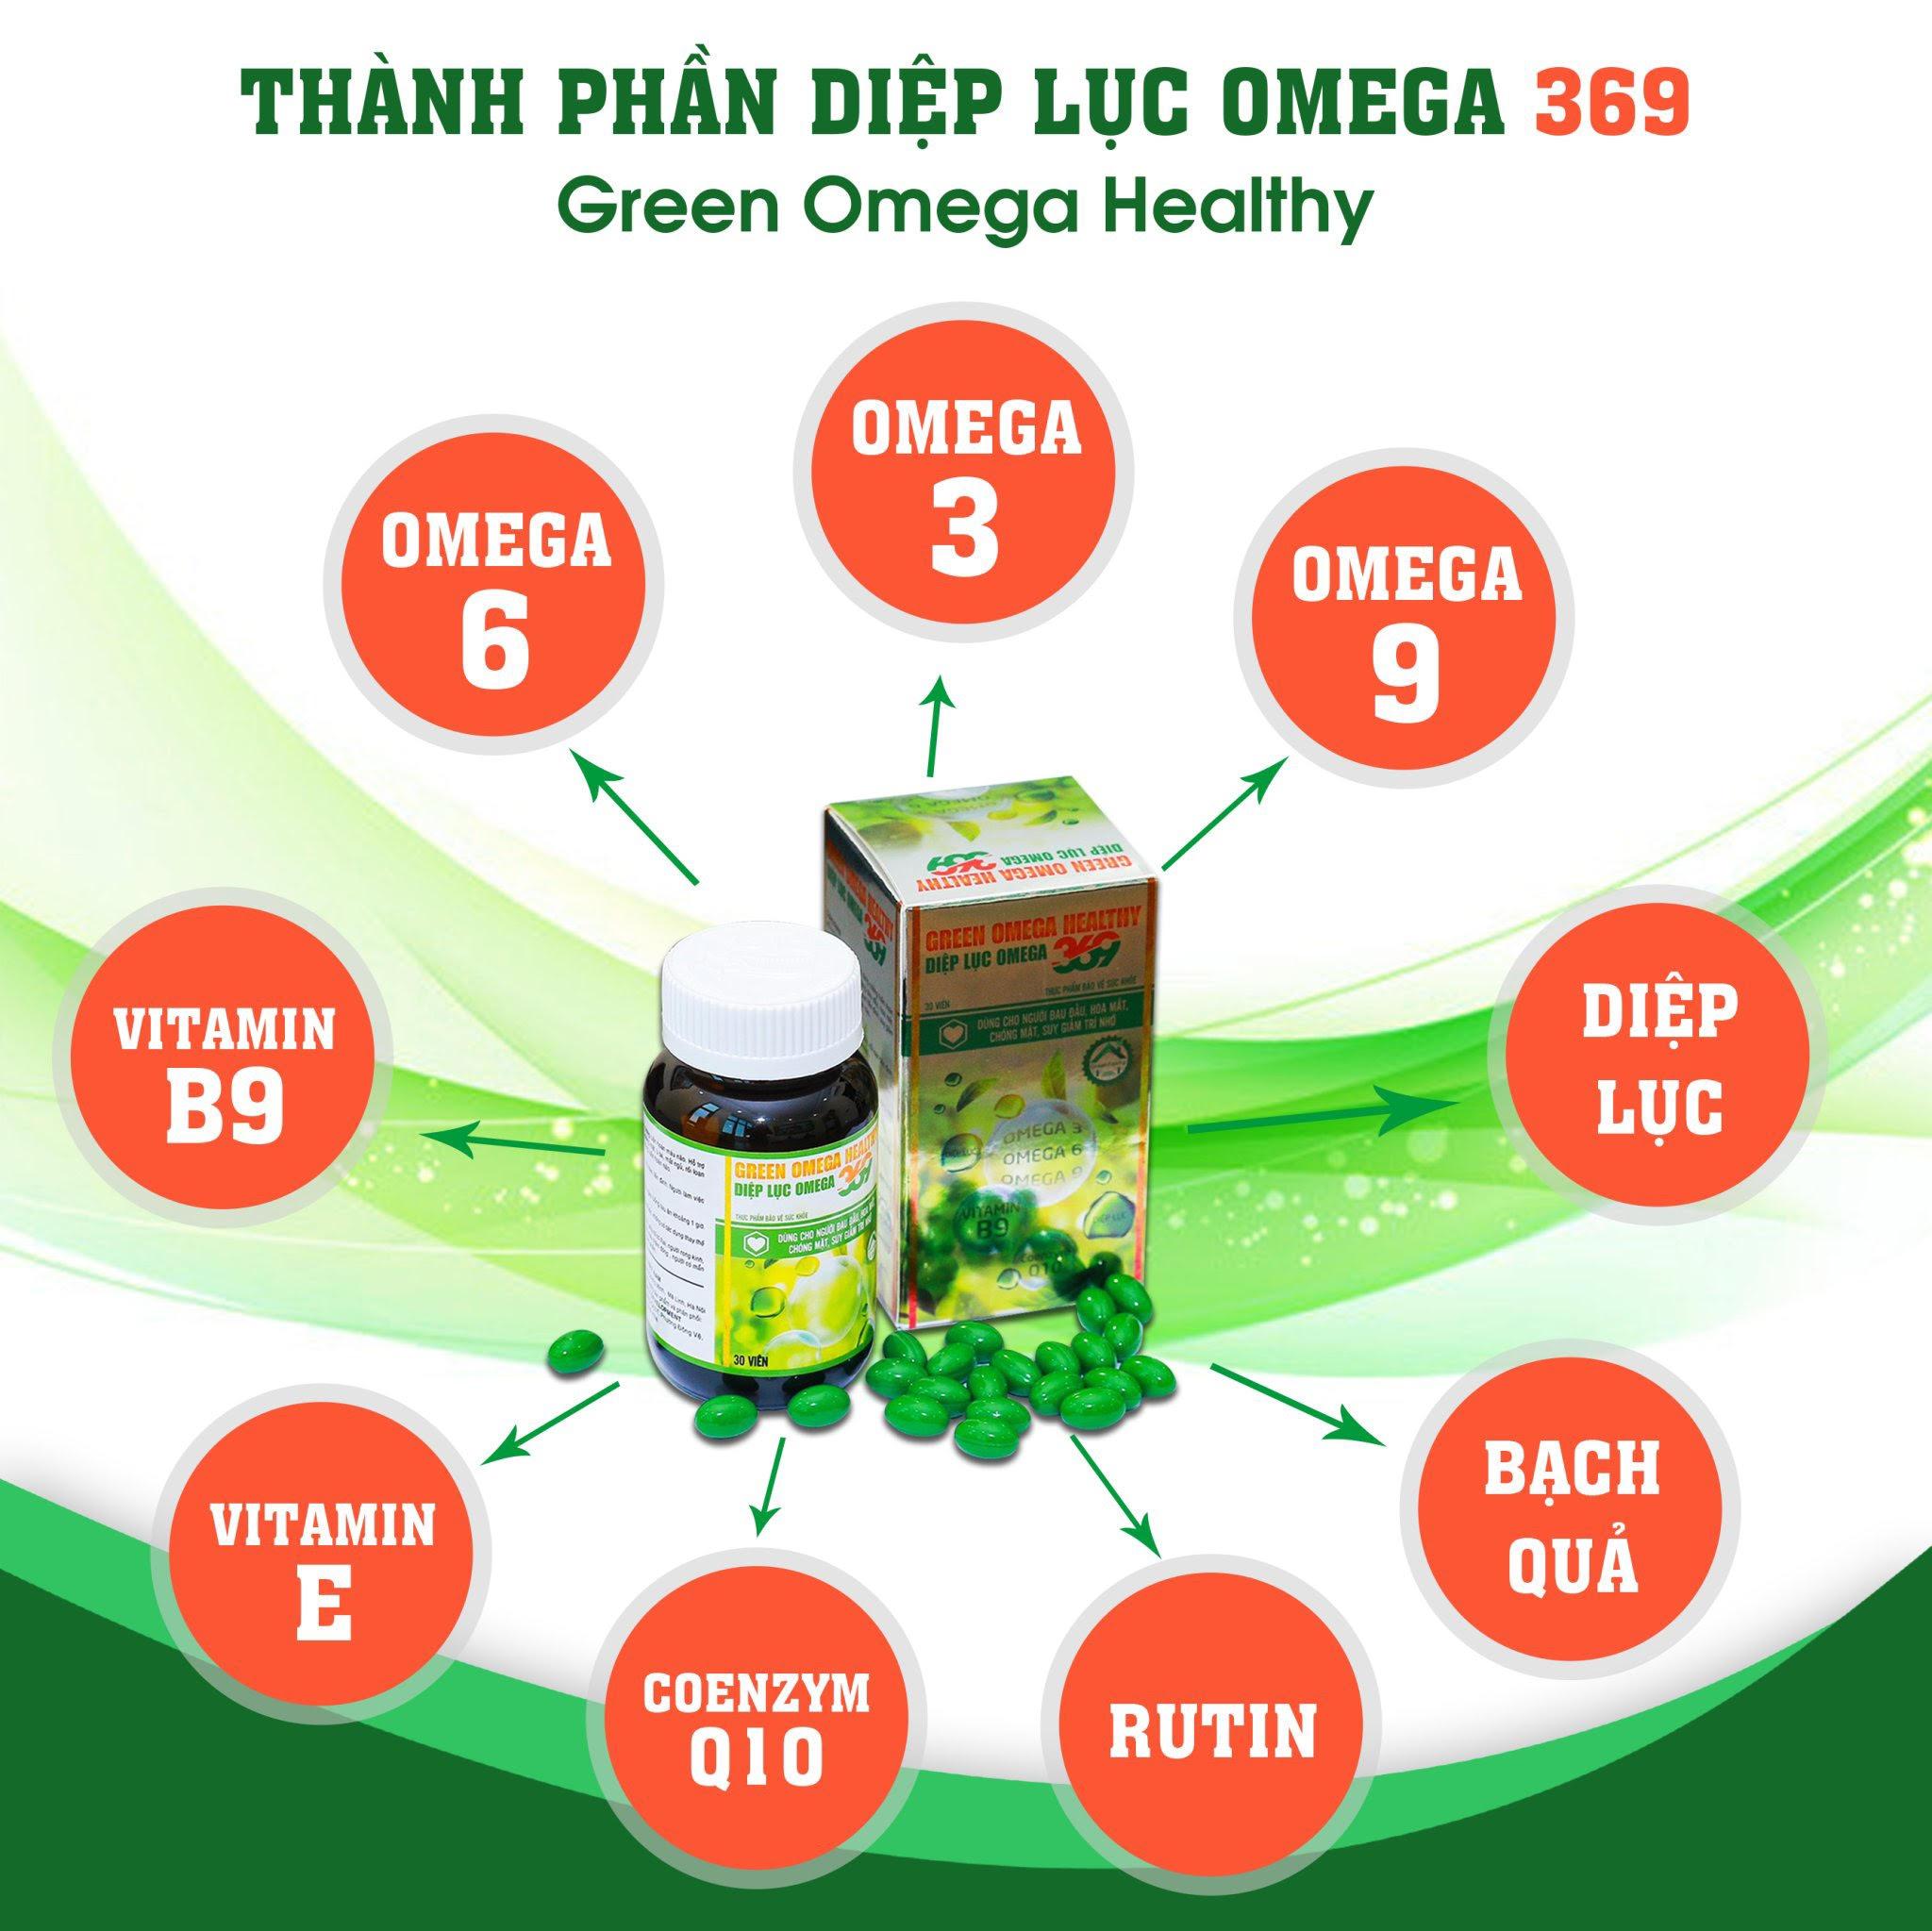 Diệp lục Omega 369 - Siêu phẩm hoàn hảo giúp tăng cường thị lực, tăng cường trí nhớ - Ảnh 4